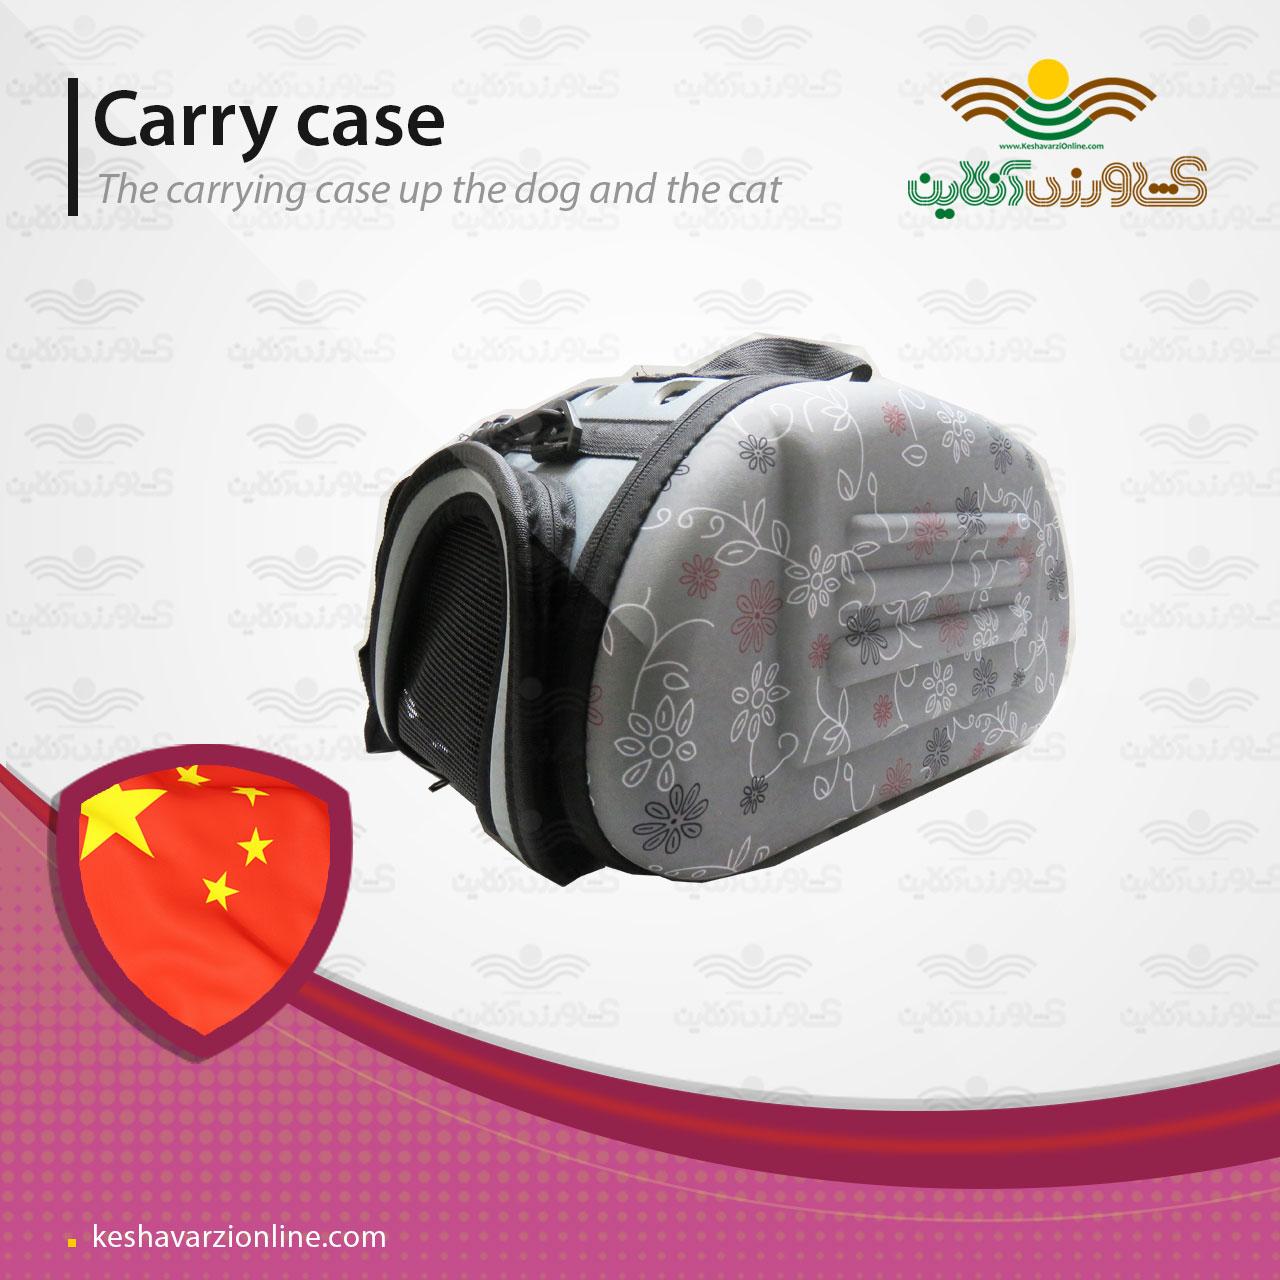 کیف حمل تا شو مخصوص سگ و گربه